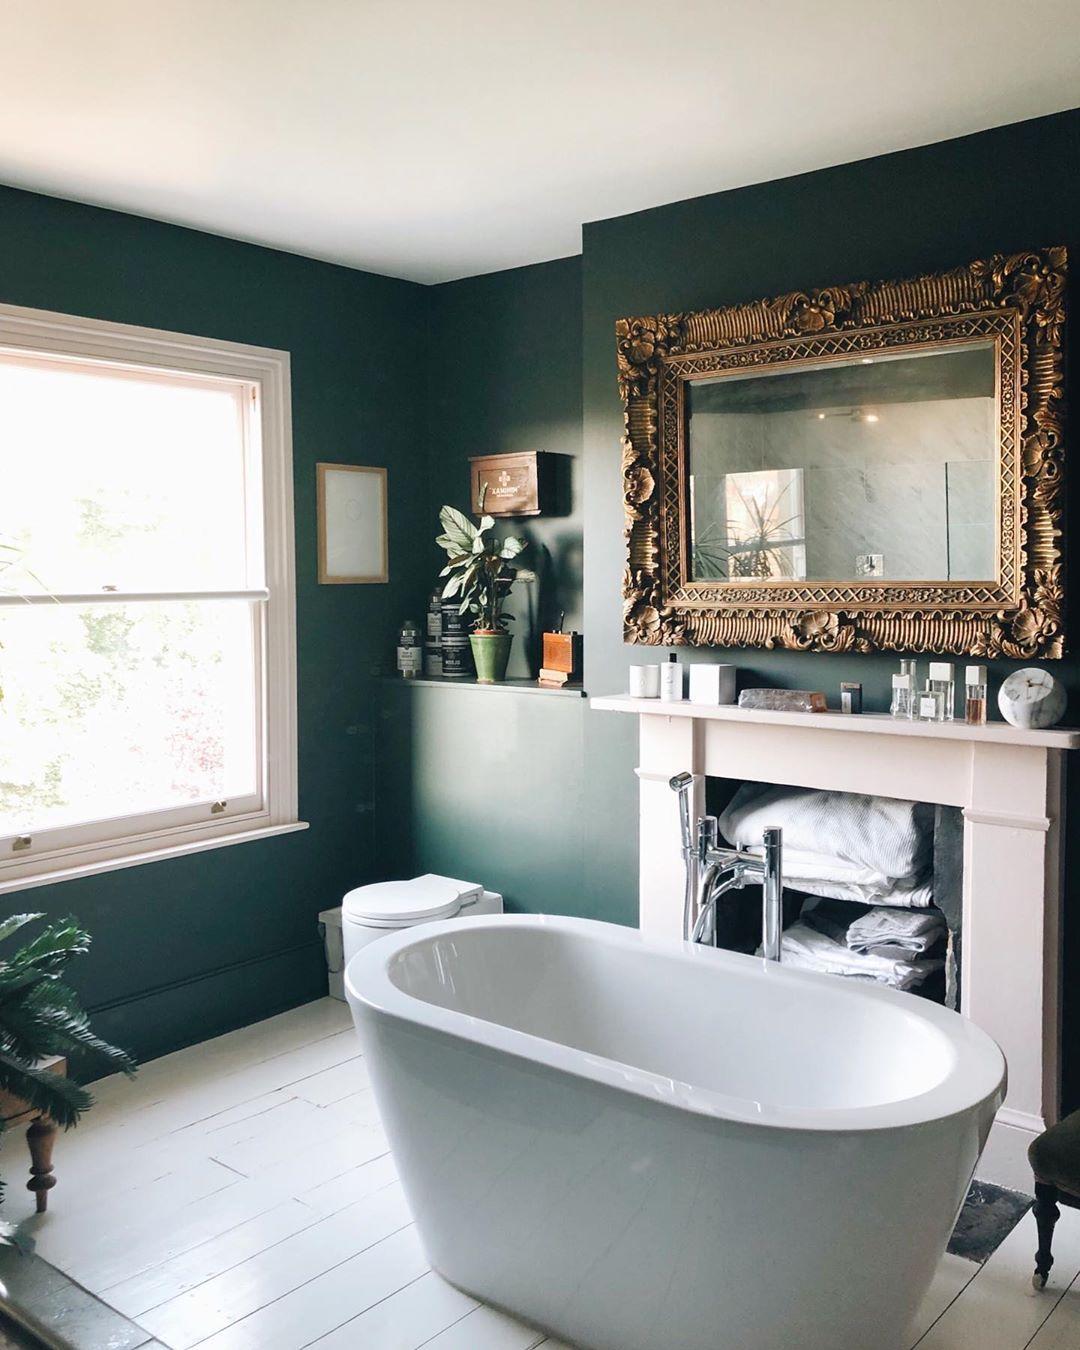 diy bathroom ideas on a budget  brilliant bathroom update